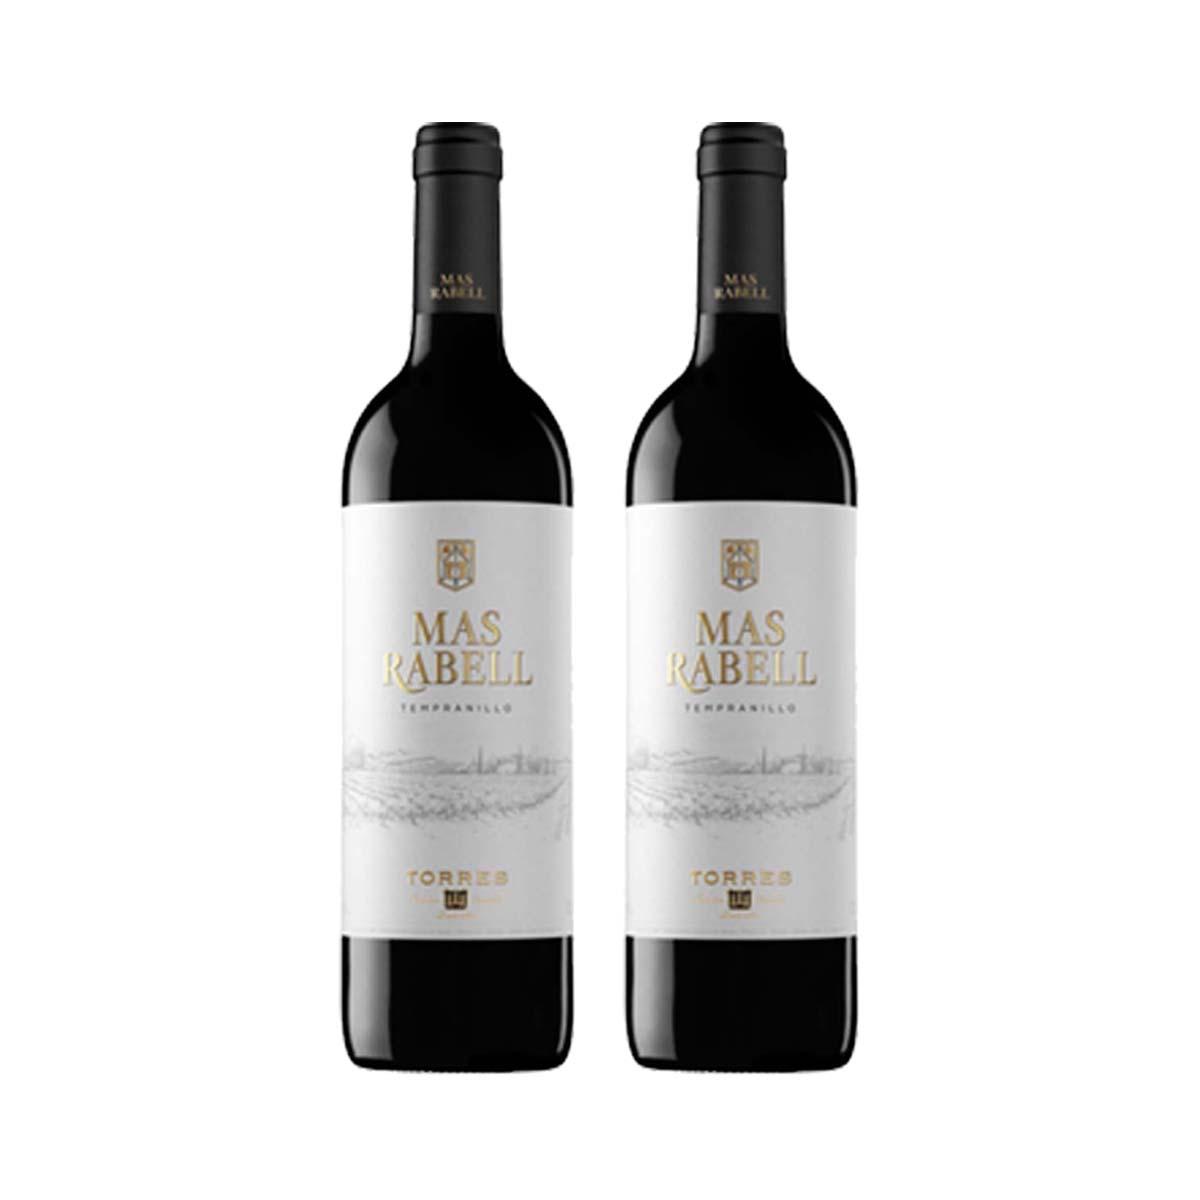 Kit 2x Vinho Tinto Espanhol Torres Mas Rabell Tempranillo 750ml 2018